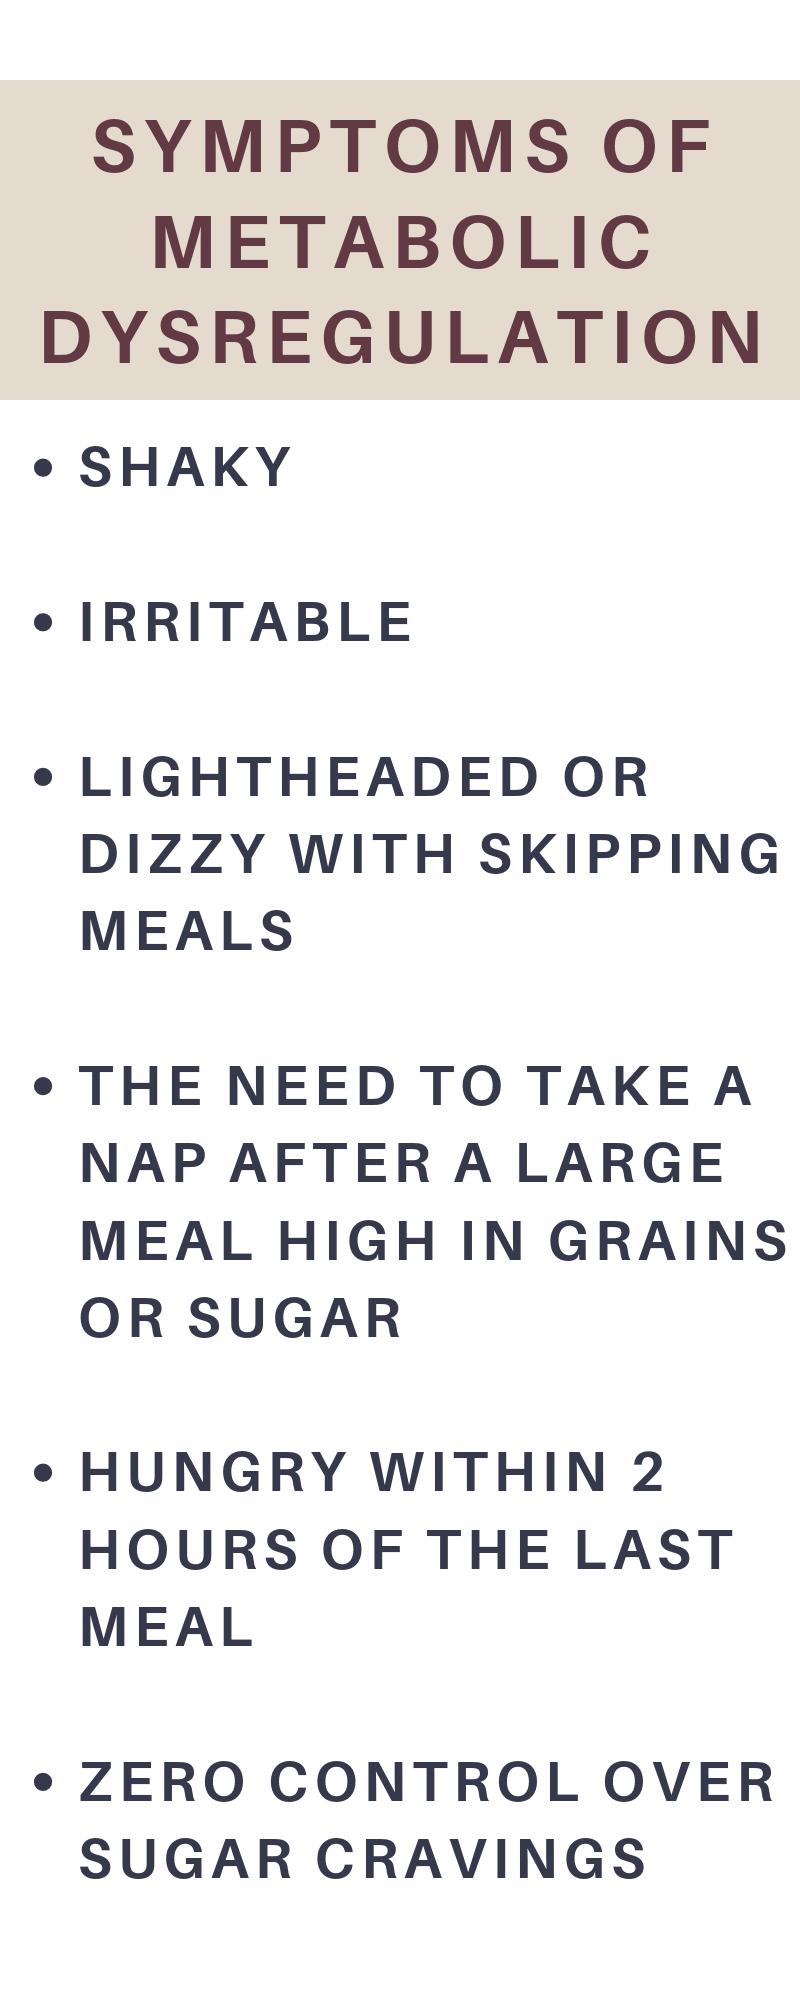 Symptoms of metabolic dysregulation.png